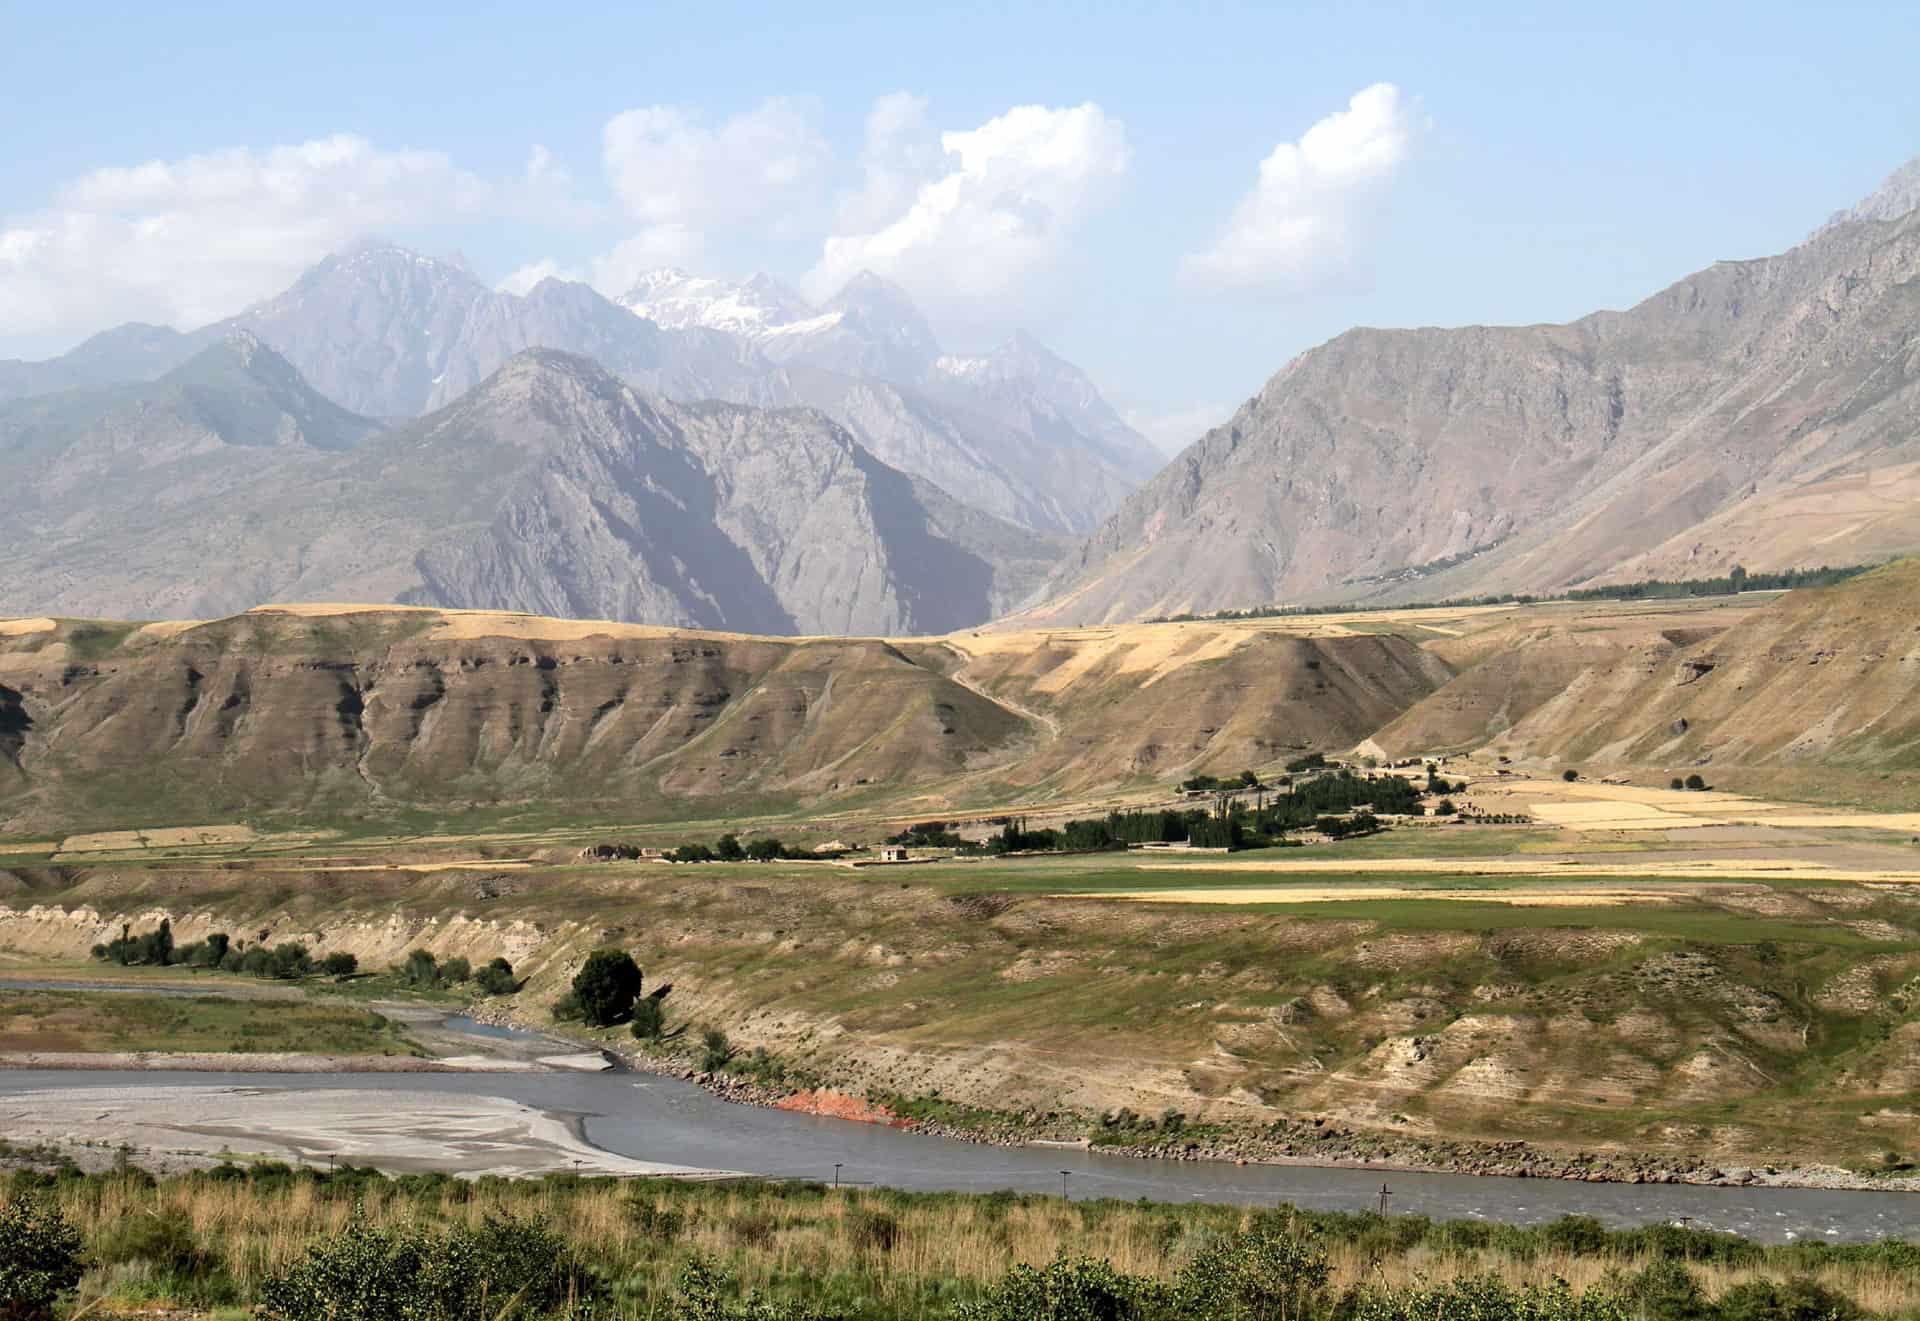 Et kig mod Afghanistan